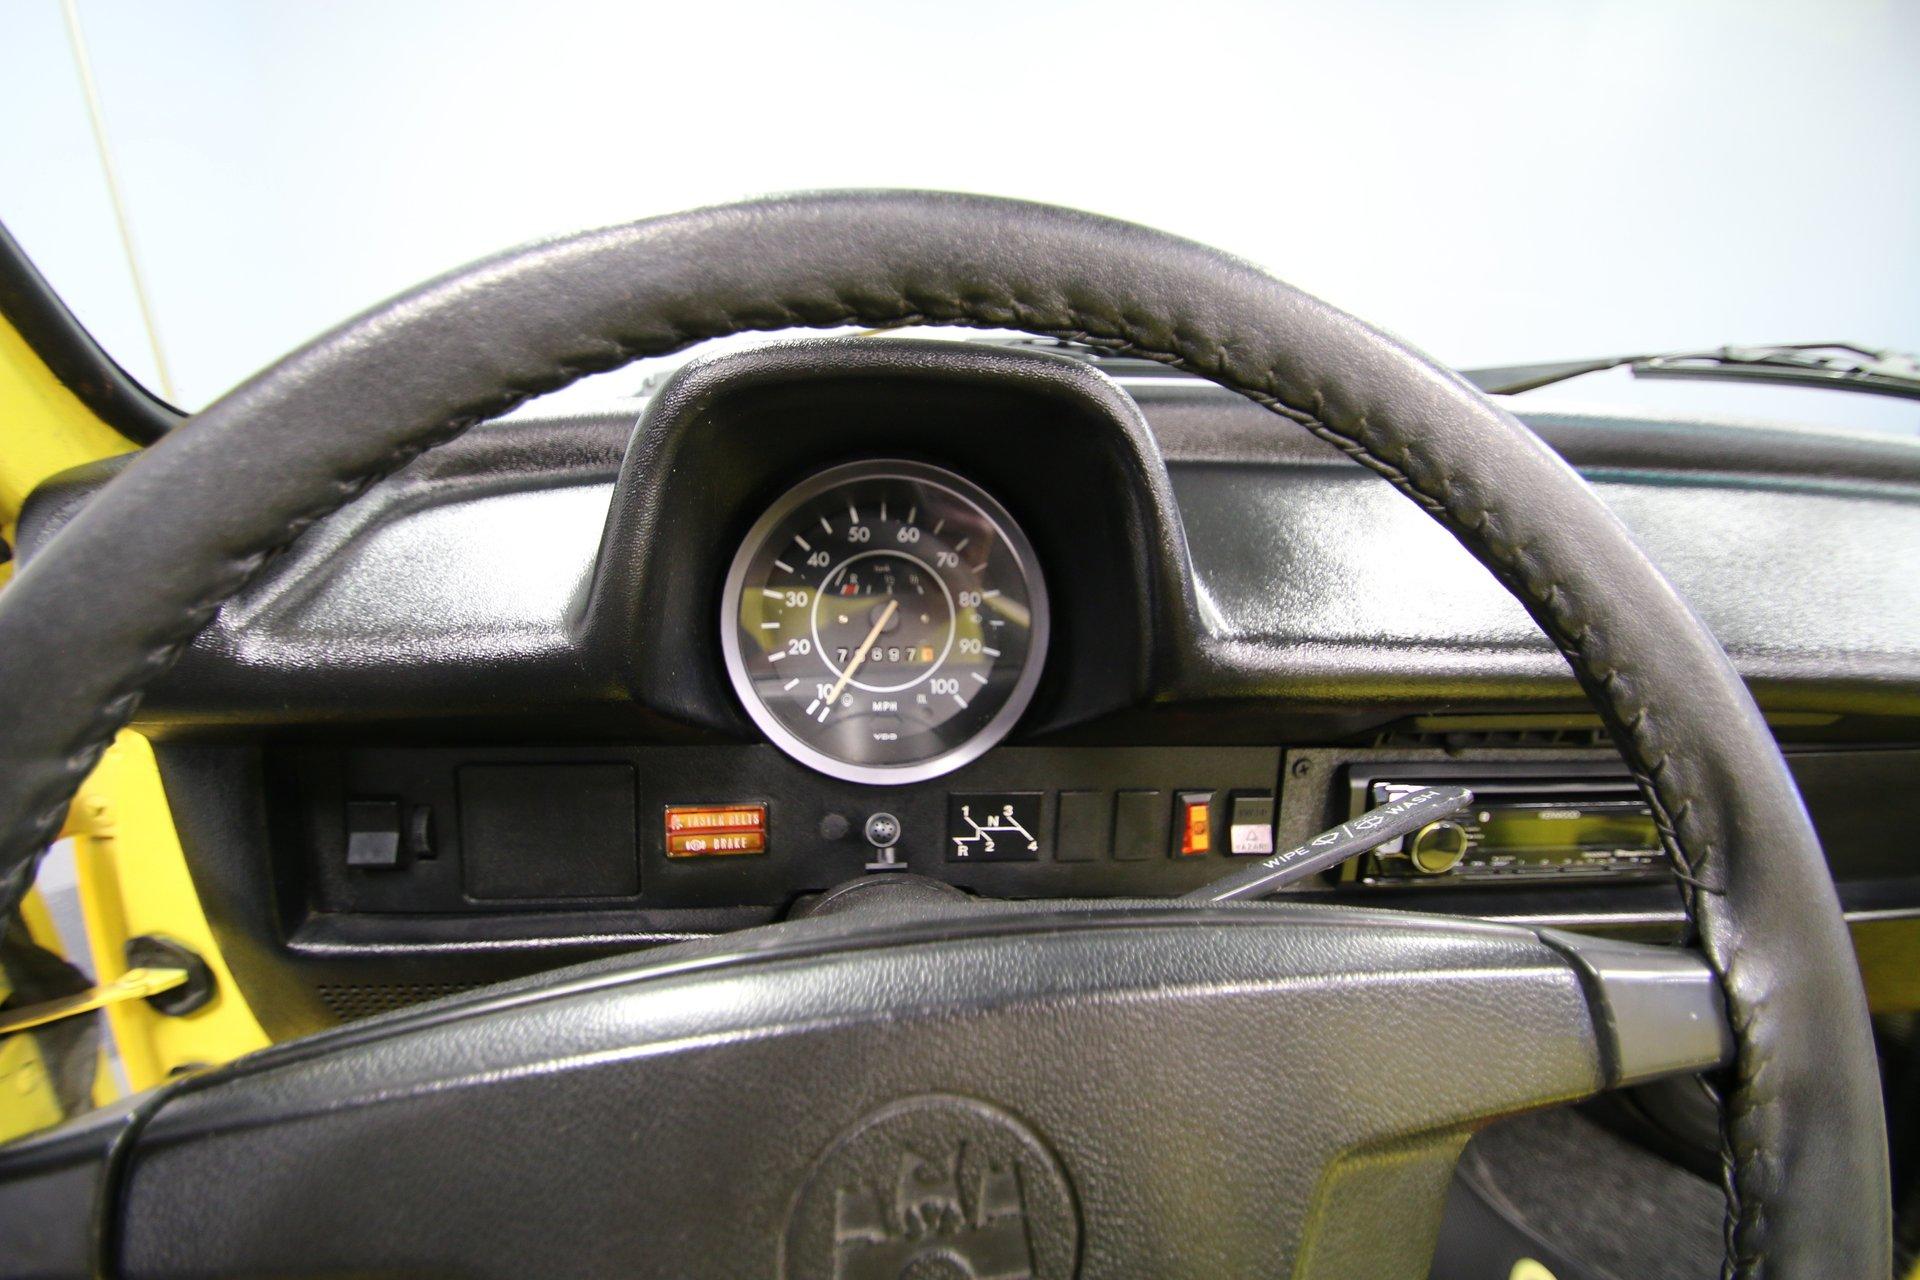 1974 Volkswagen Super Beetle Convertible for sale #78637 | MCG